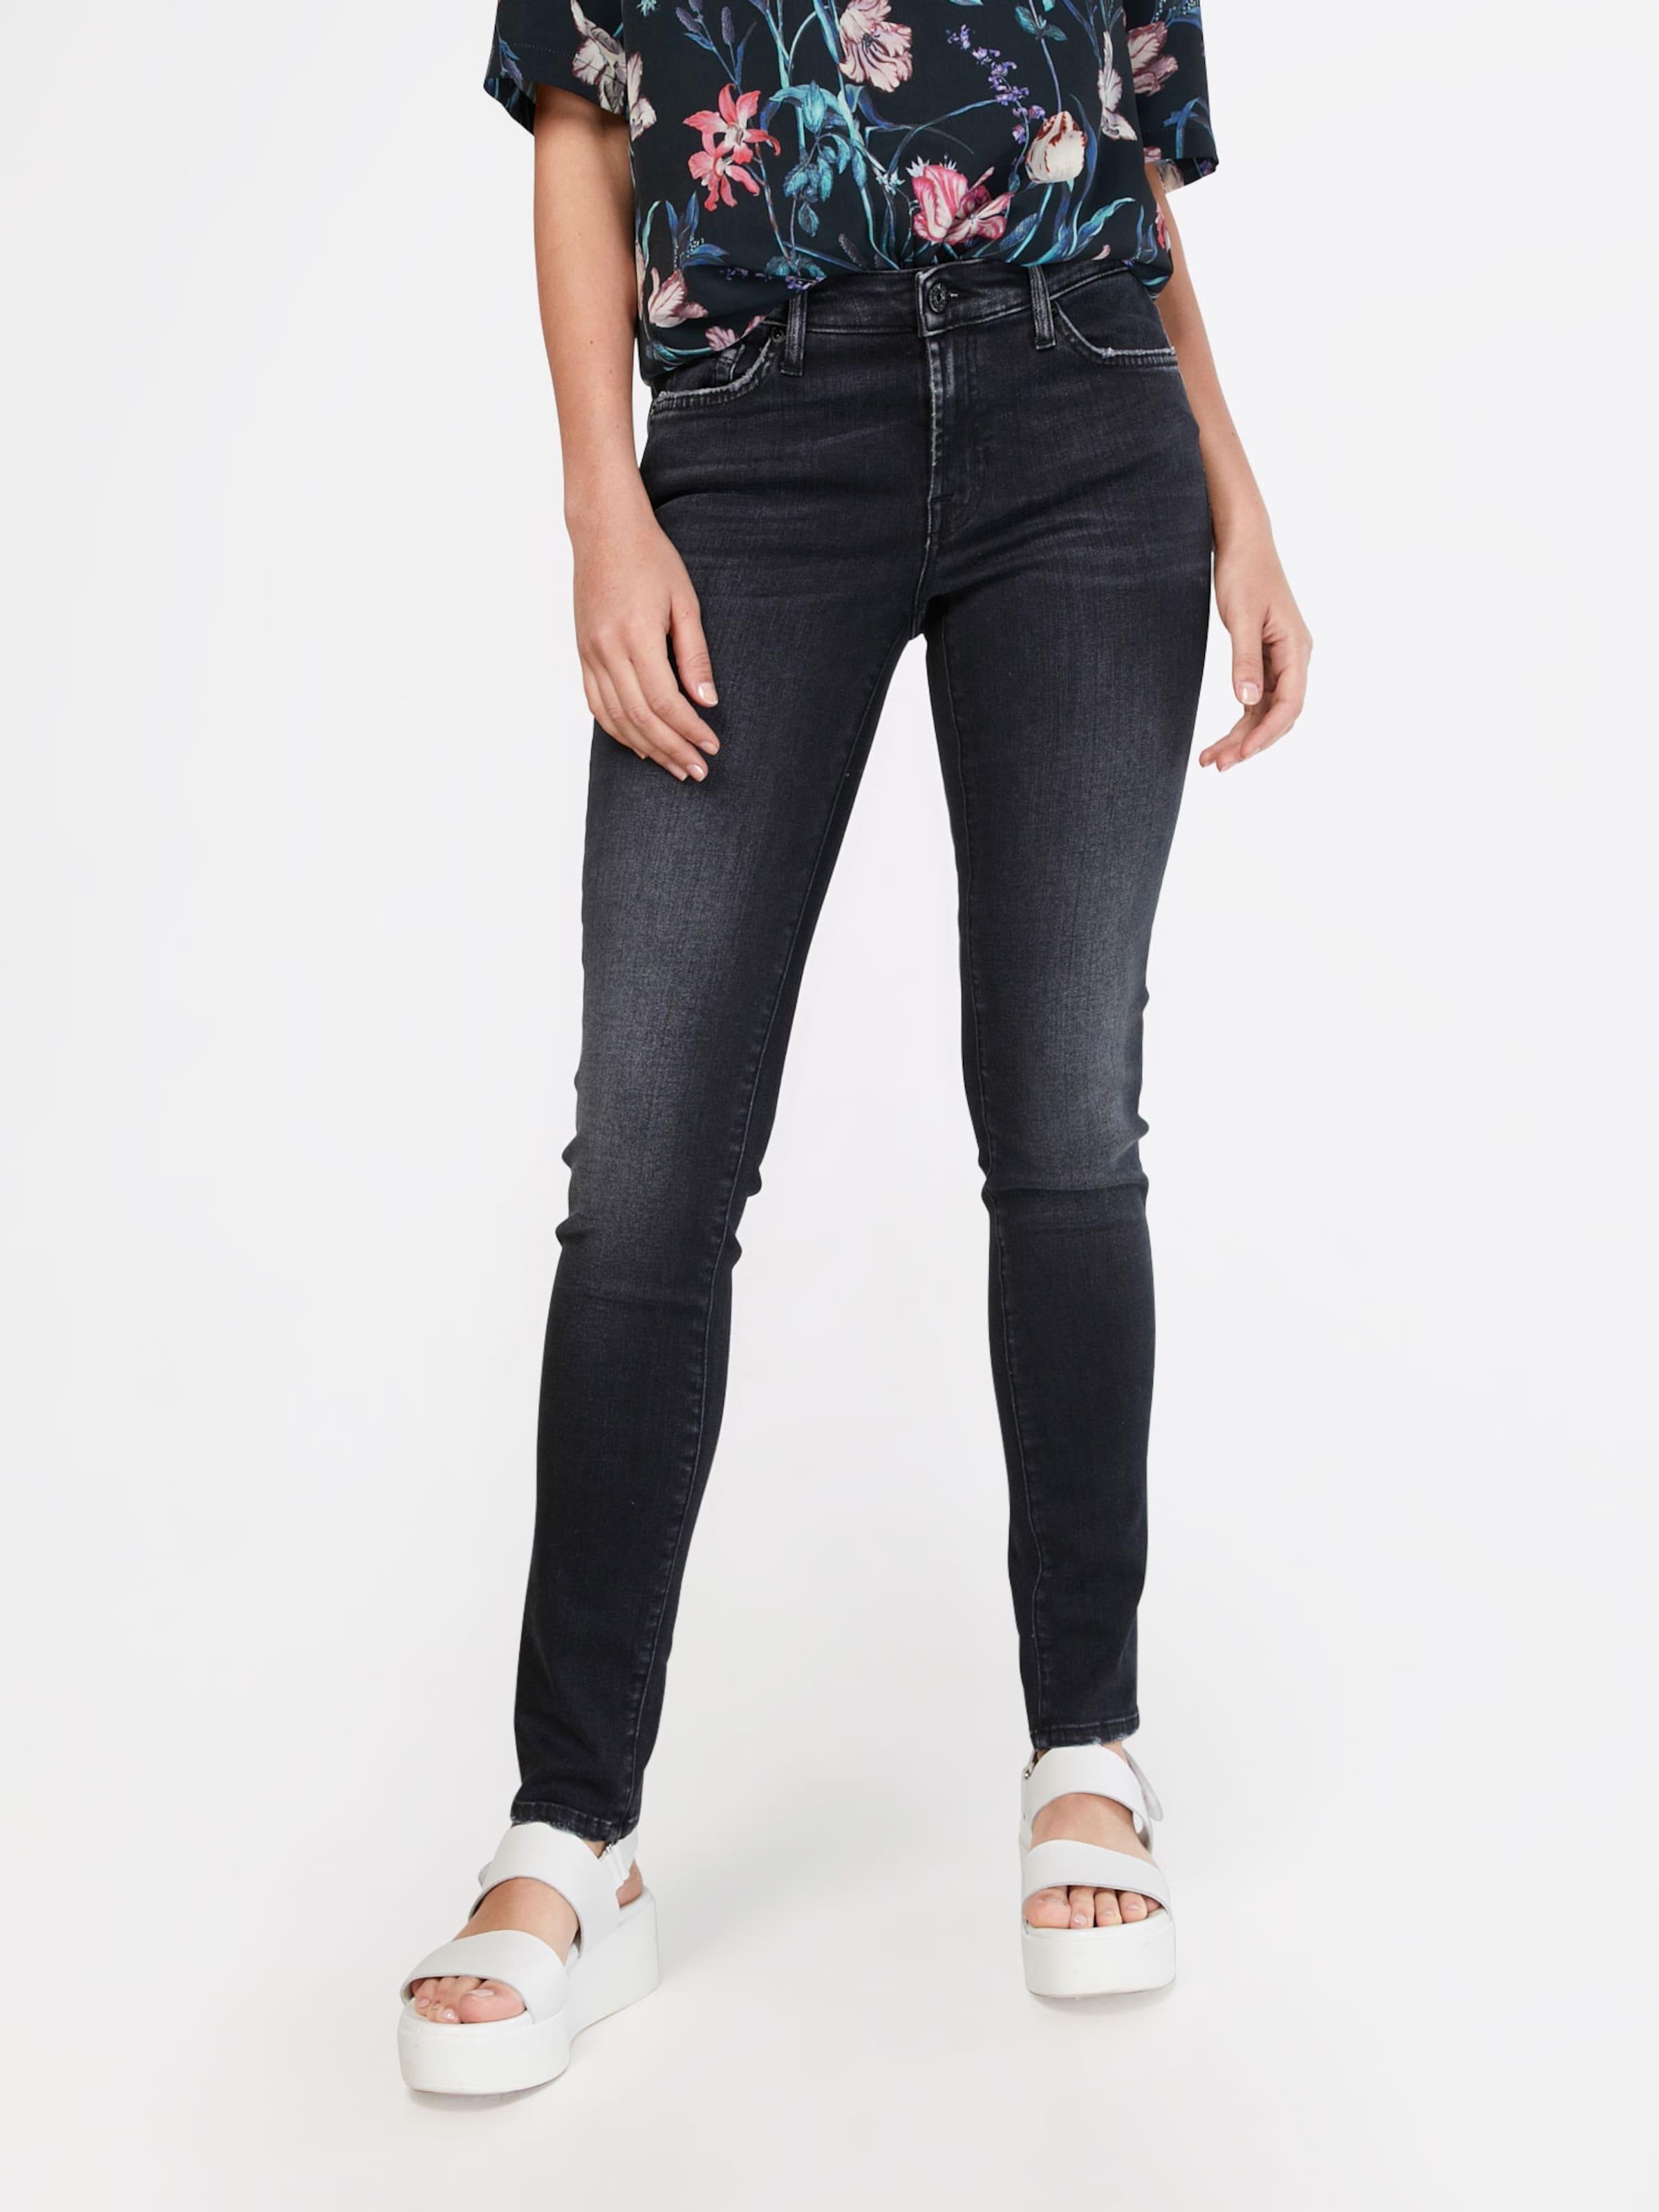 In All 7 Grey For Mankind Jeans Denim 'pyper' N8wnPmOyv0